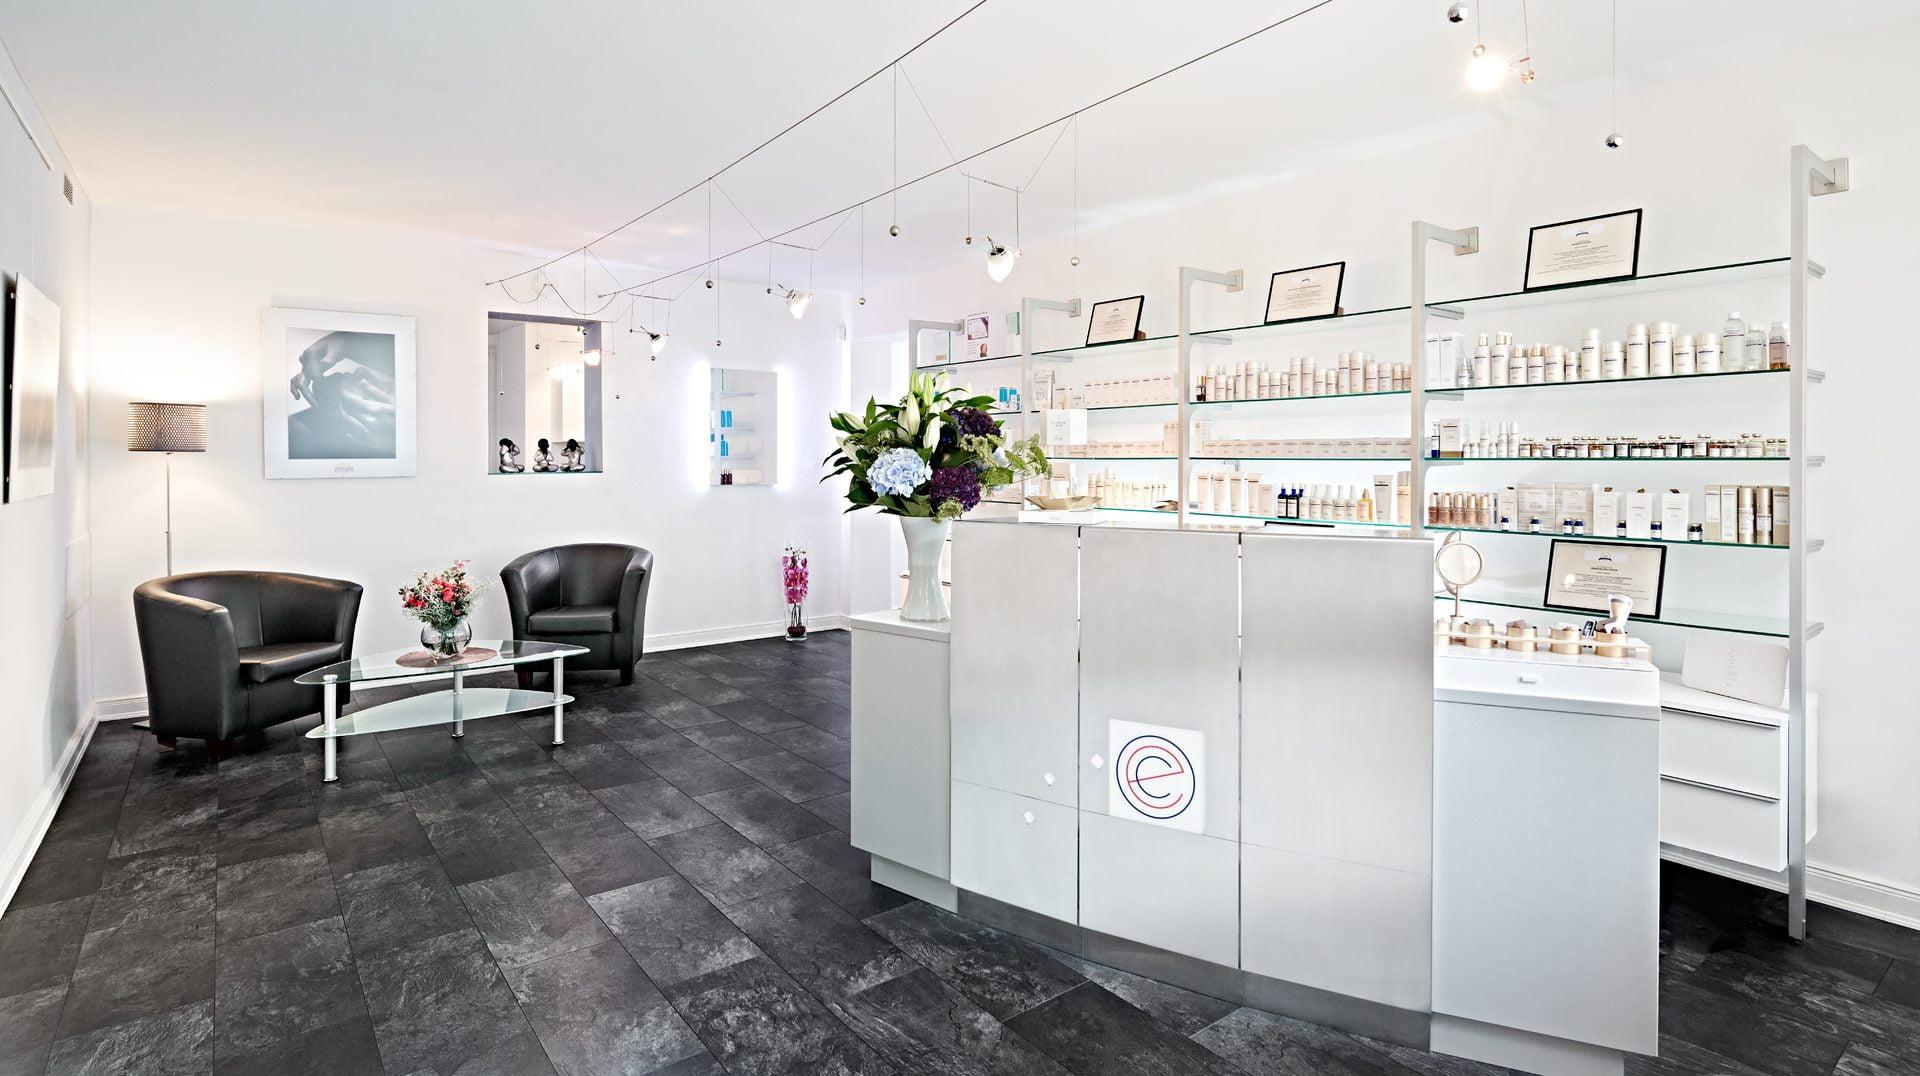 Empfangsbereich mit Produktübersicht für Haut- und Körperpflege in Hamburg - evas concept